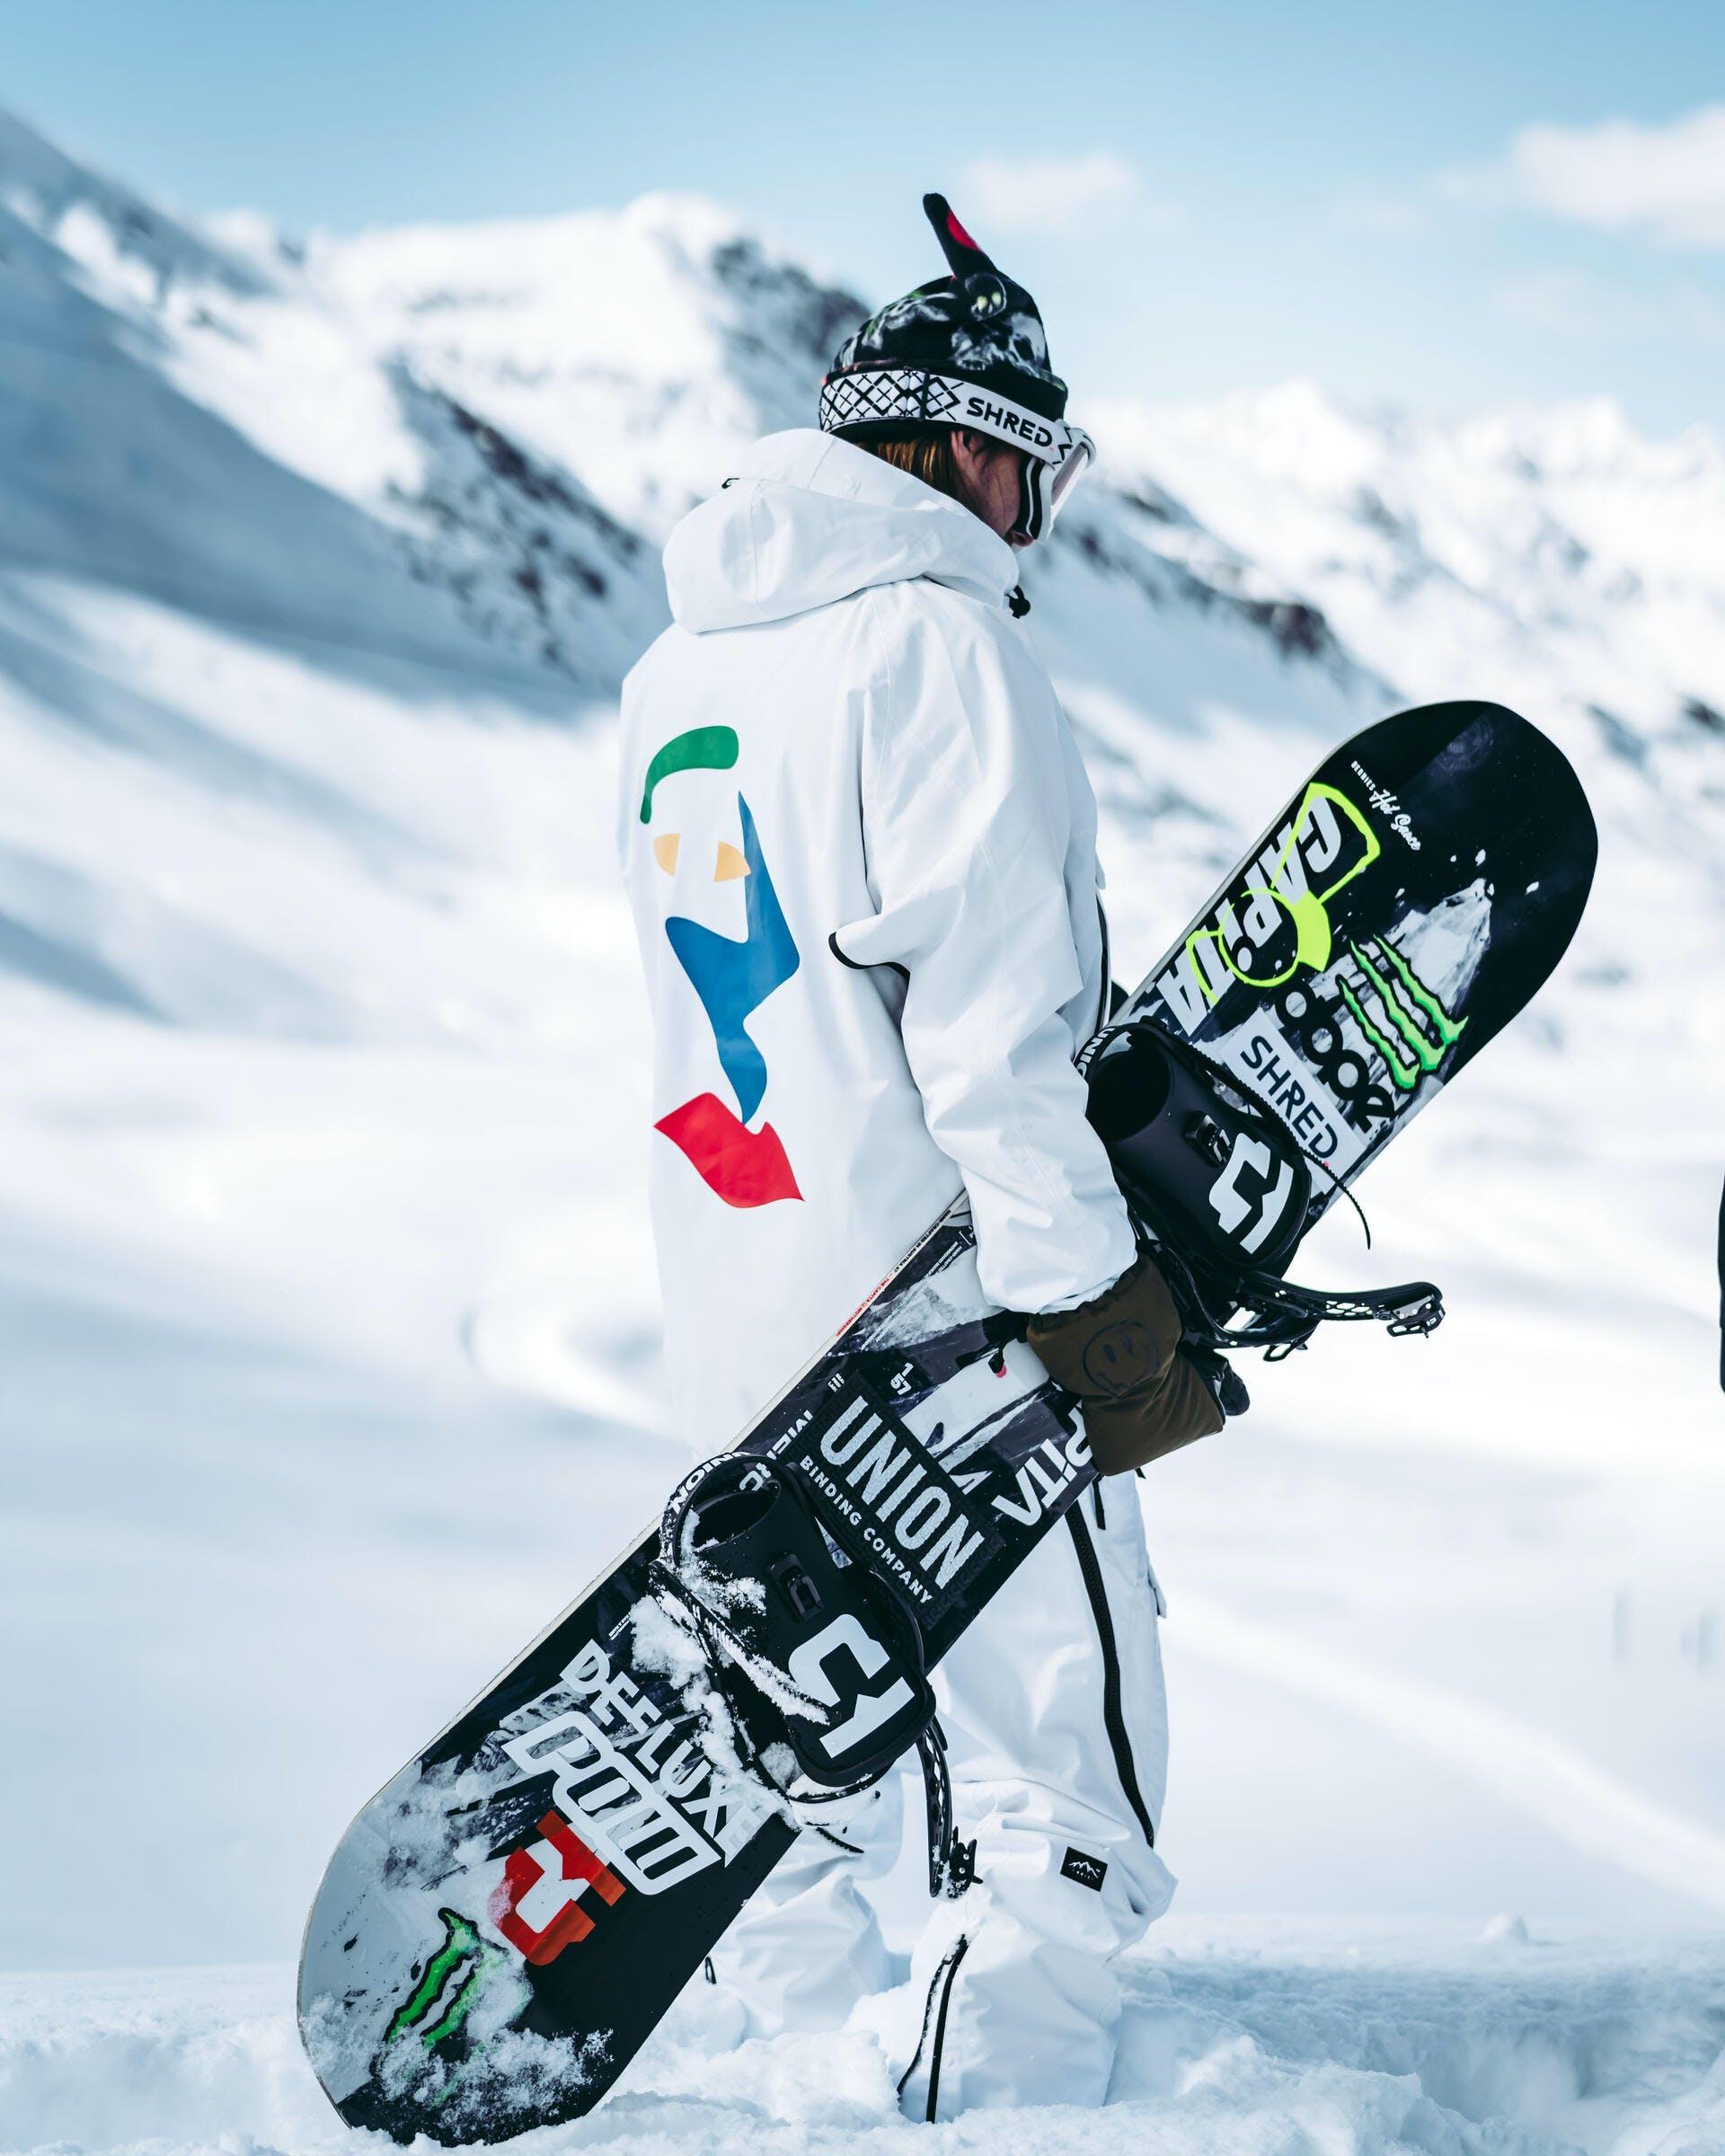 posizione e regolazione attacchi snowboard